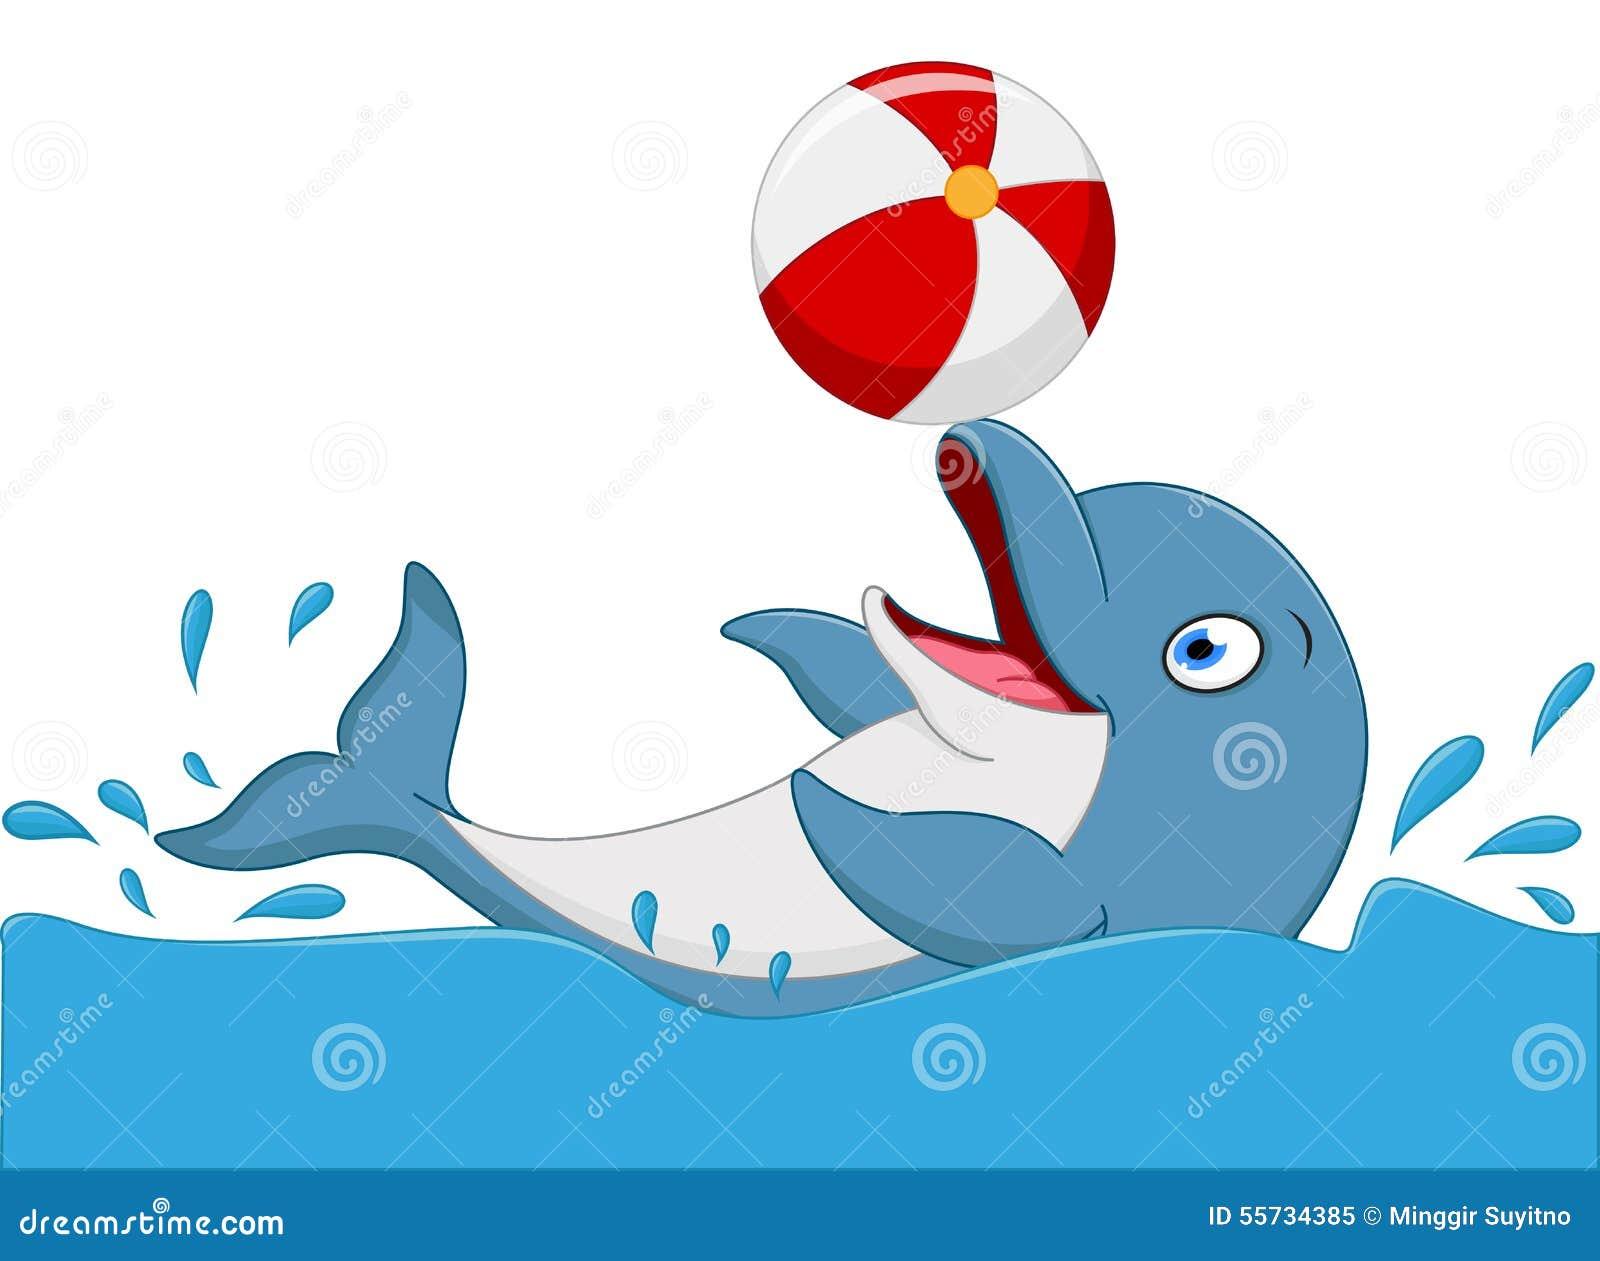 [Jeu] Association d'images - Page 19 Bande-dessine-heureuse-de-dauphin-jouant-la-boule-55734385